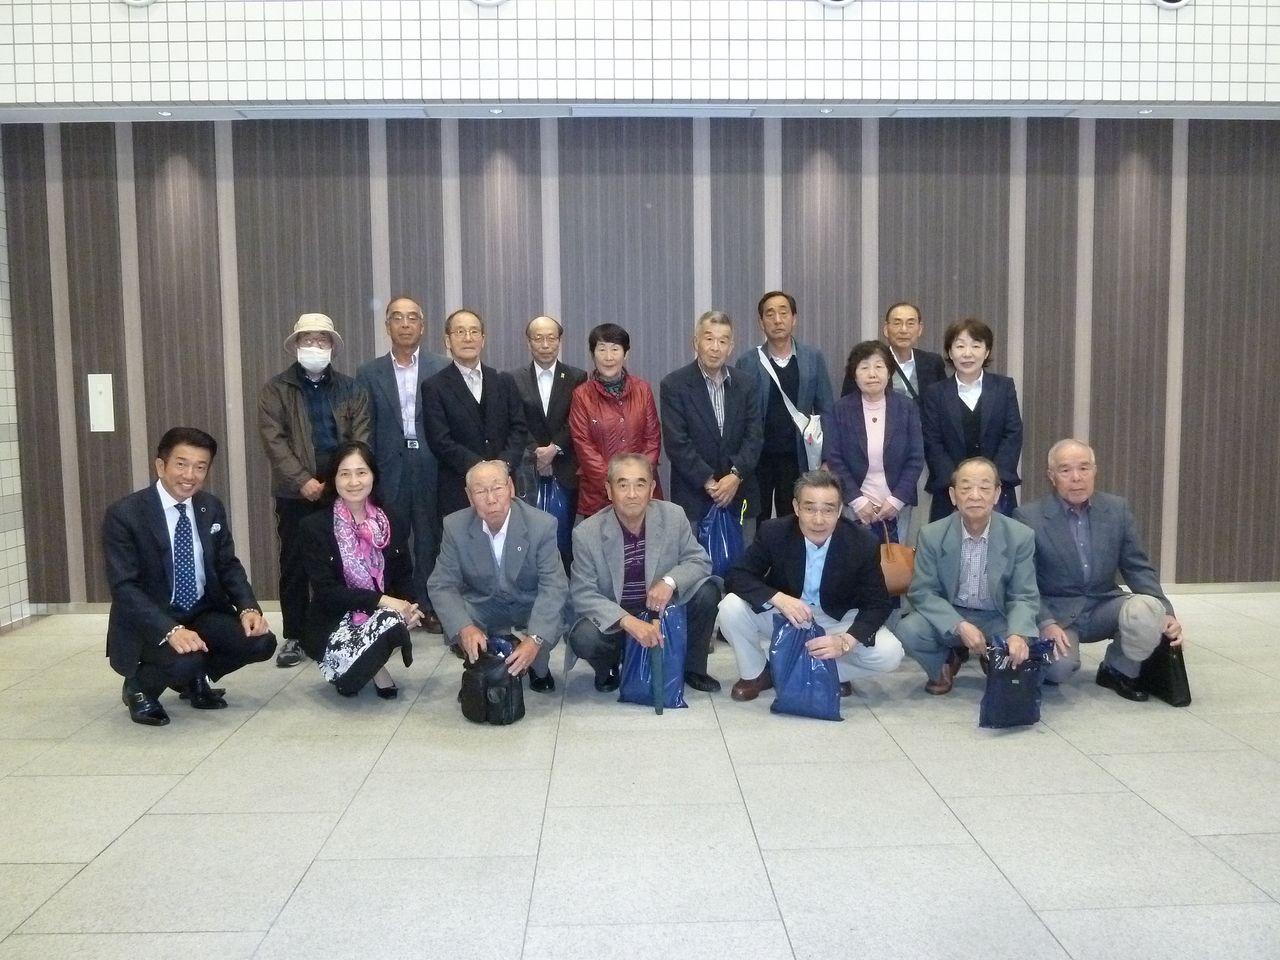 10月13日(土) 松桜会大宮セミナー開催!